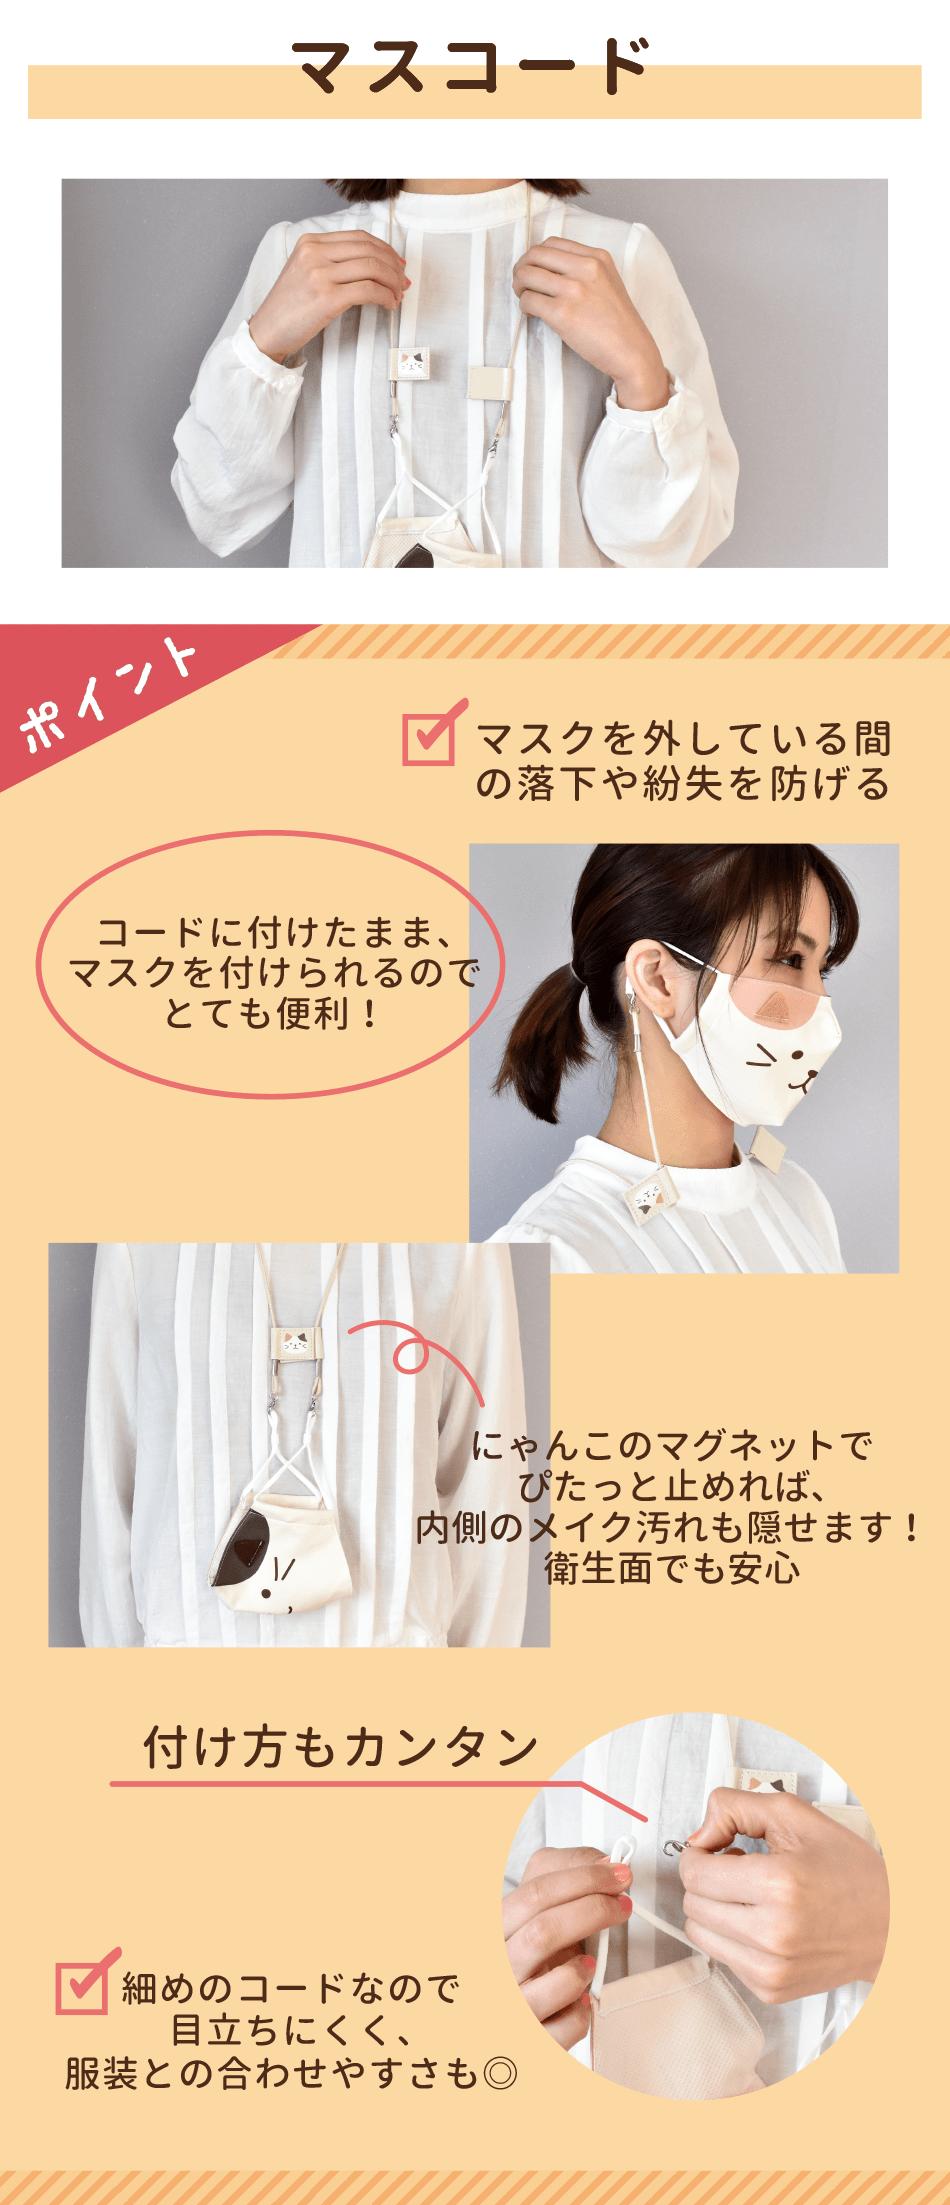 マスクを少し外しておきたい時は、マスコードが便利です。コードに付けておけば落下や紛失を防げて、そのままマスクを装着できるので快適。マグネットをぴたっと付ければ内側のメイク汚れも隠せます。カニカンで取り付けるだけなので簡単。